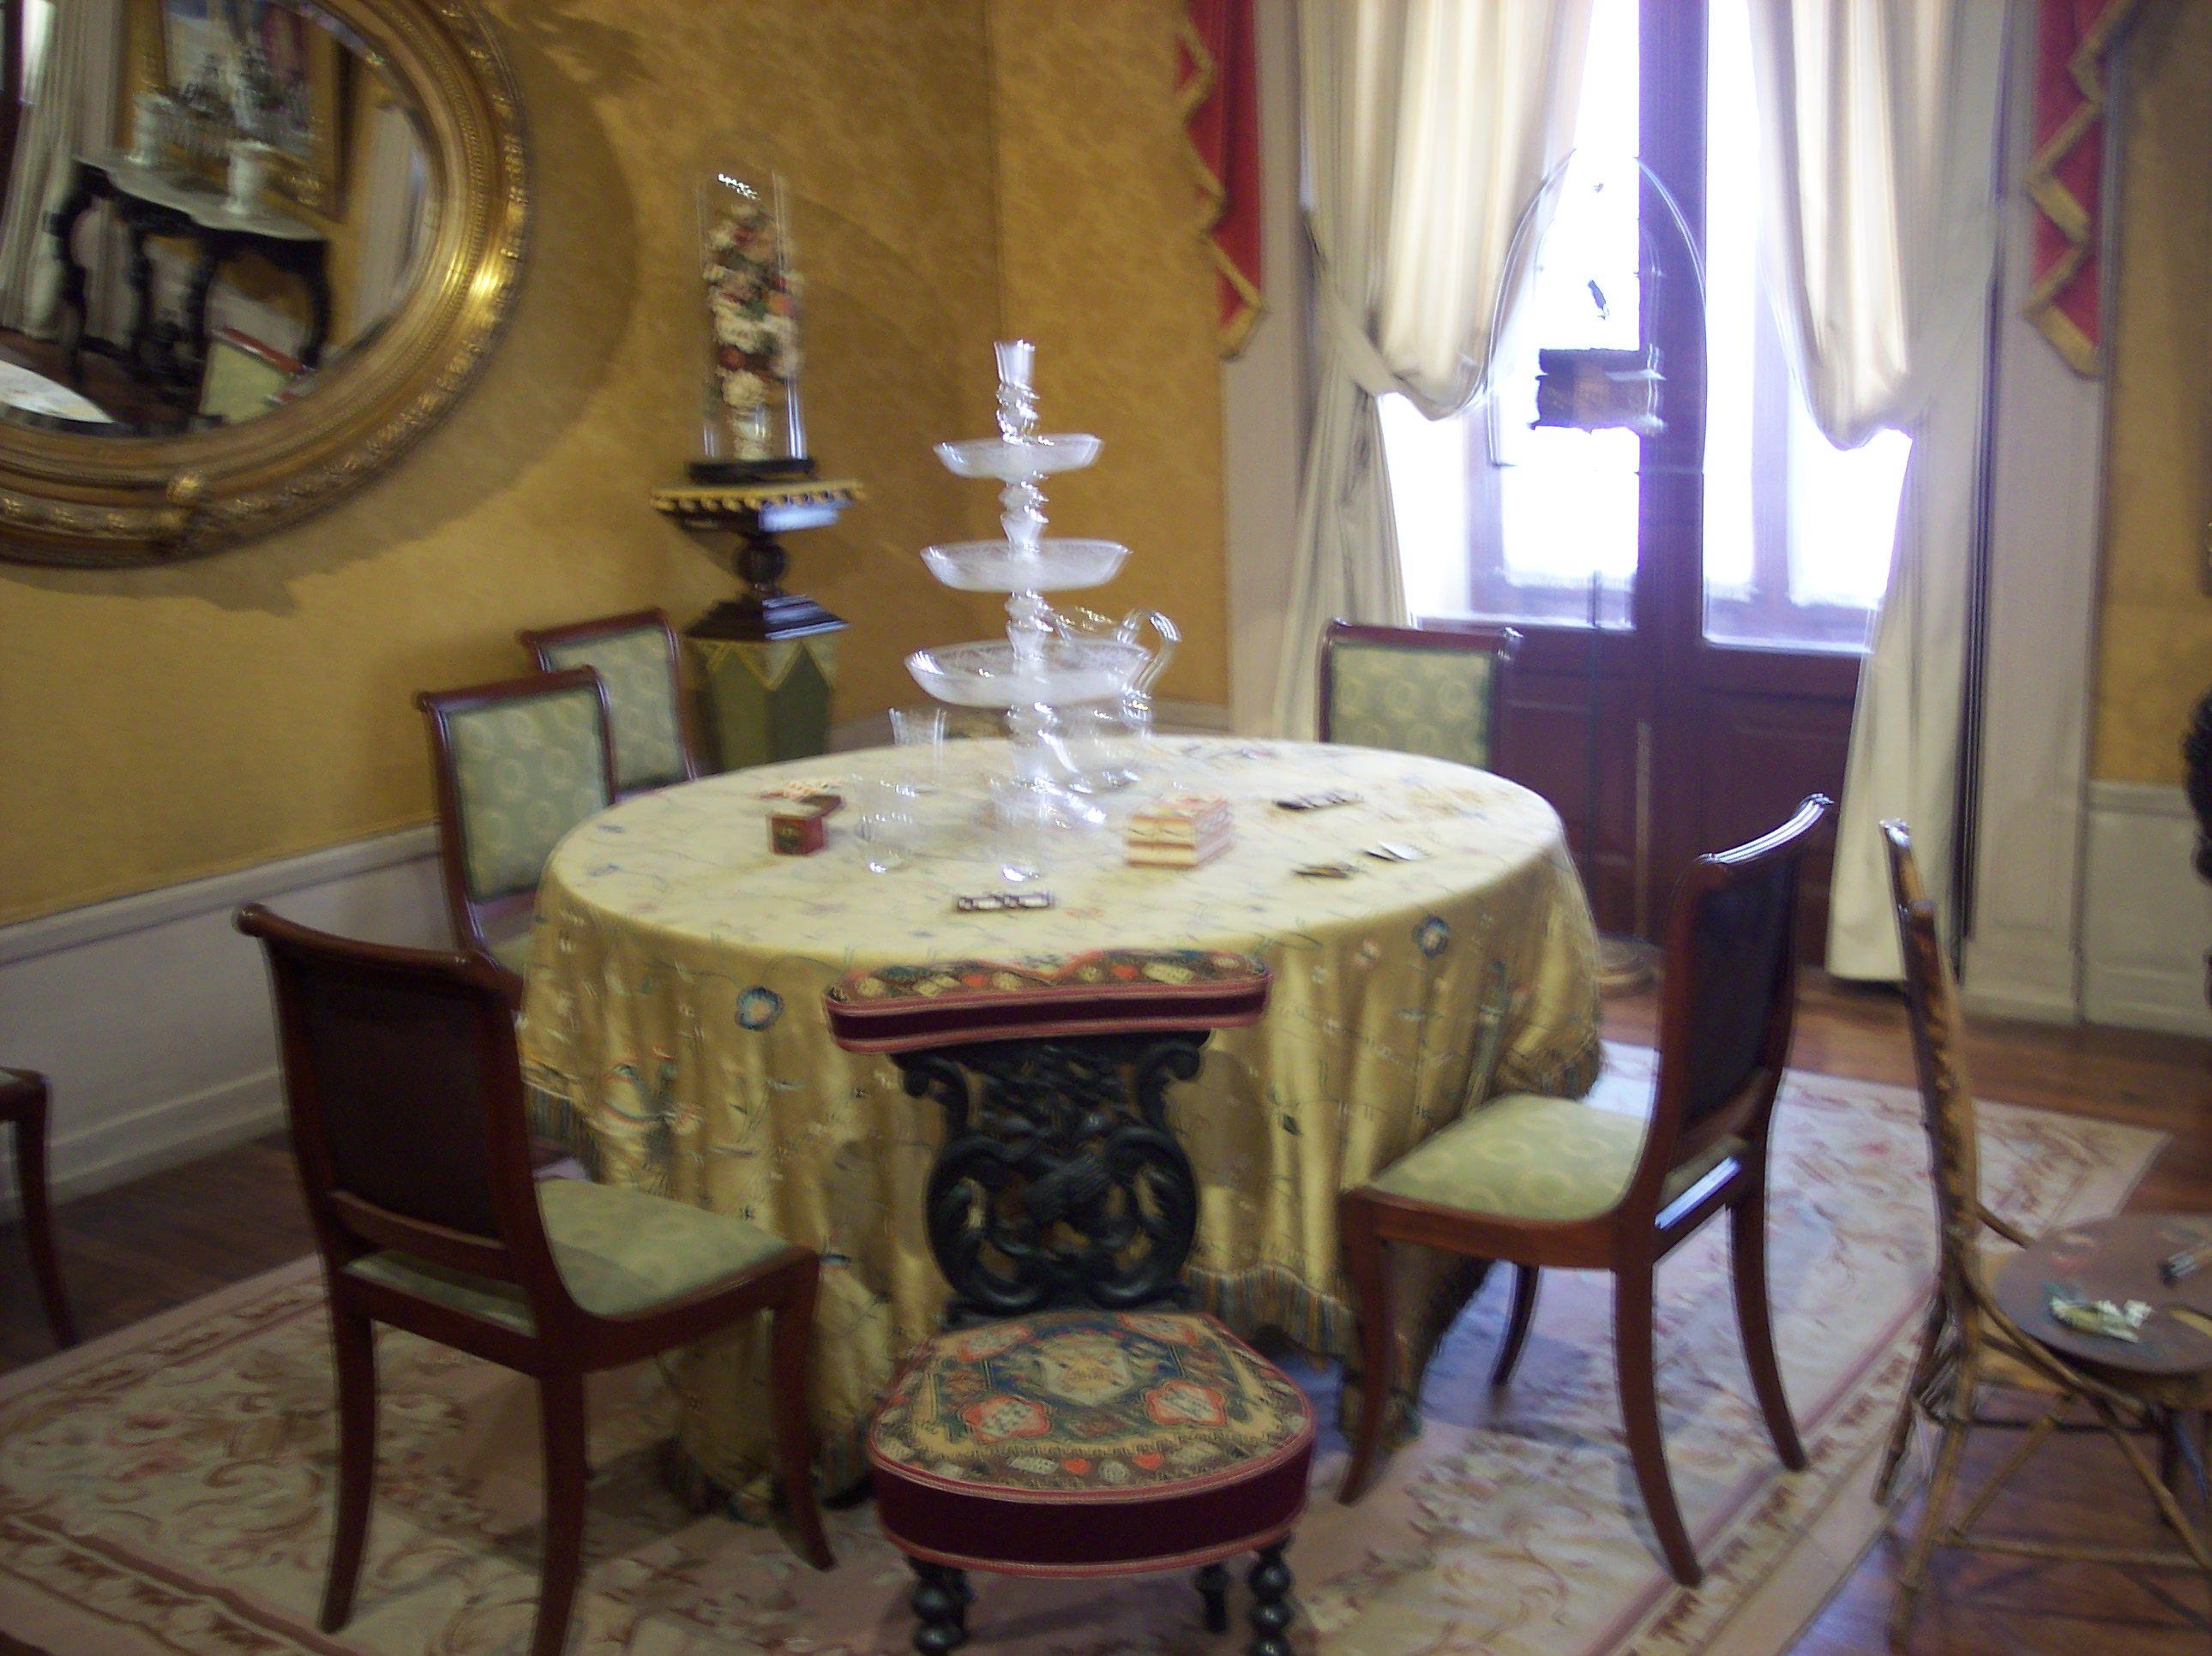 Comedor De La Residencia De Don Benito Ju Rez En Palacio Nacional  # Muebles Historicos